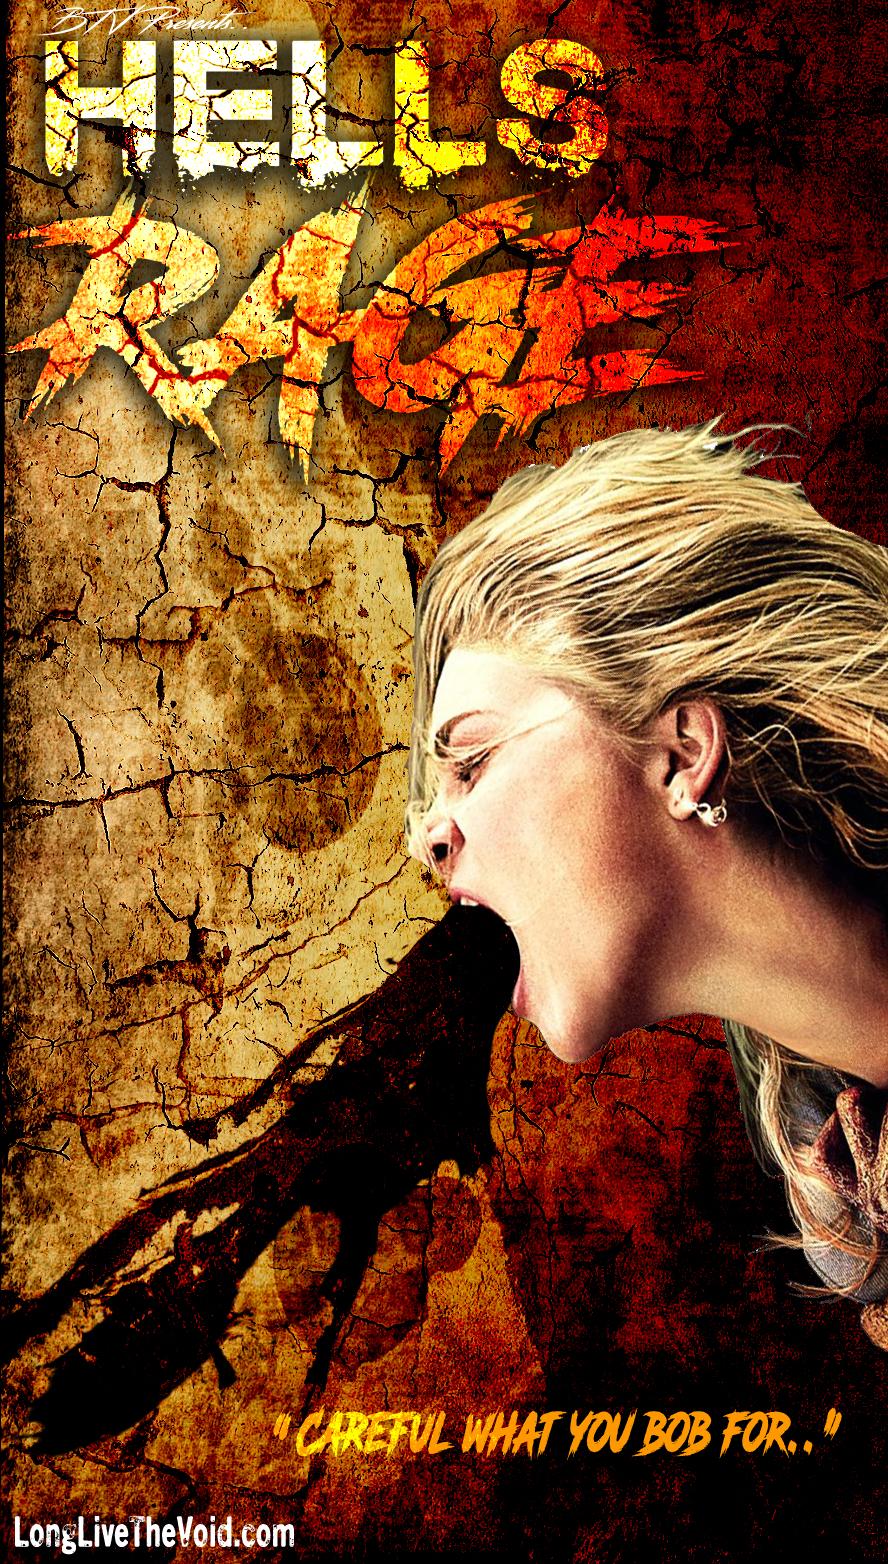 NEW-Hells-Rage-FULL-COVER.jpg